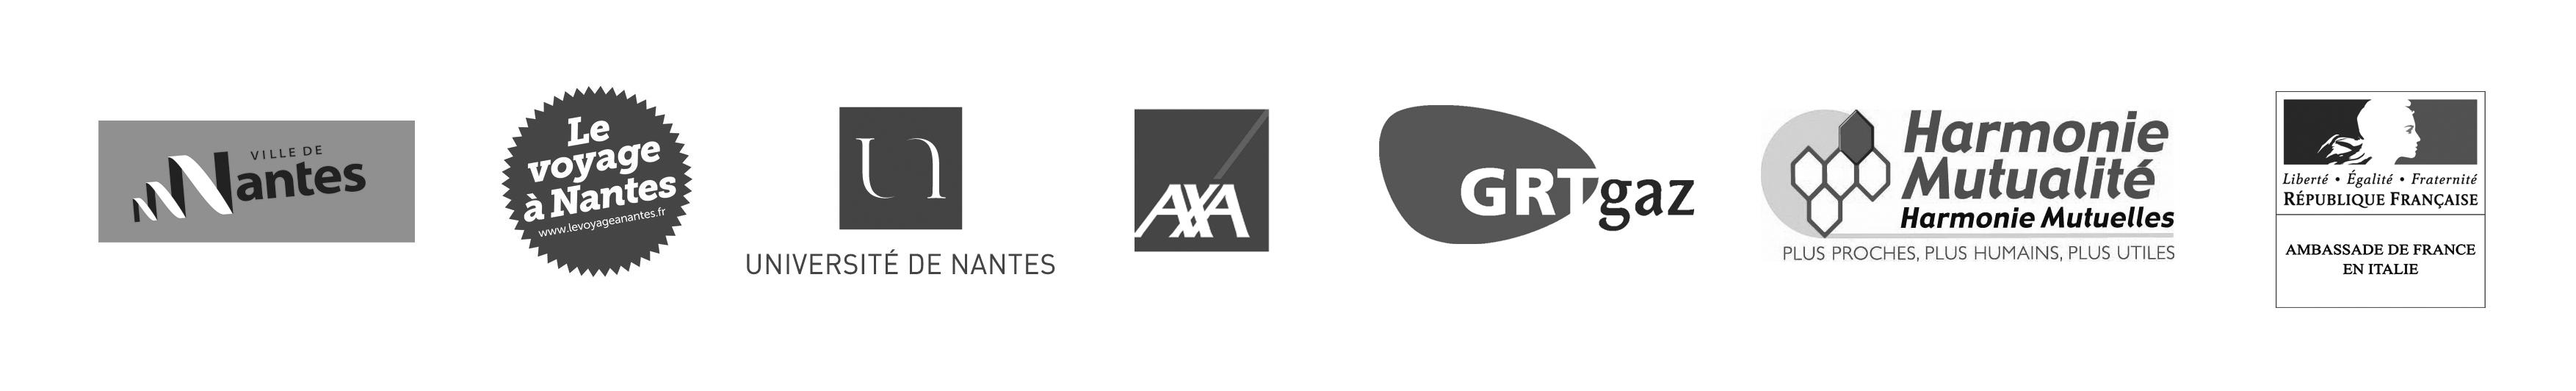 logos clients pesberg